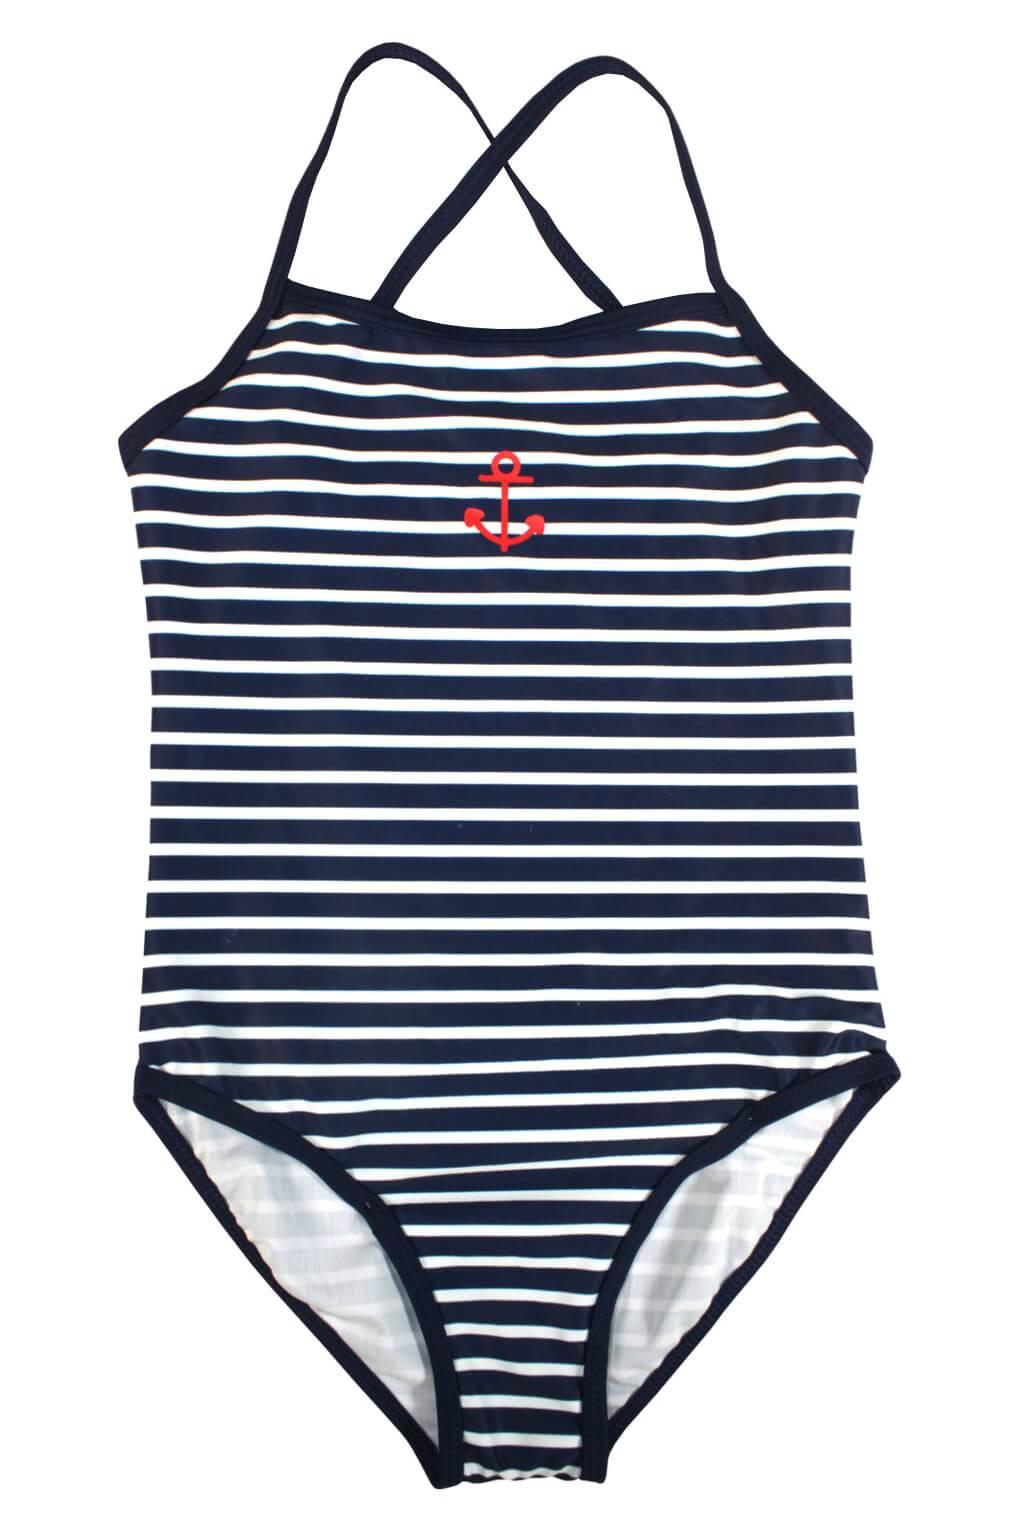 fbb752201 Dětské plavky Leontýnka · Dívčí jednodílné plavky Balien ...